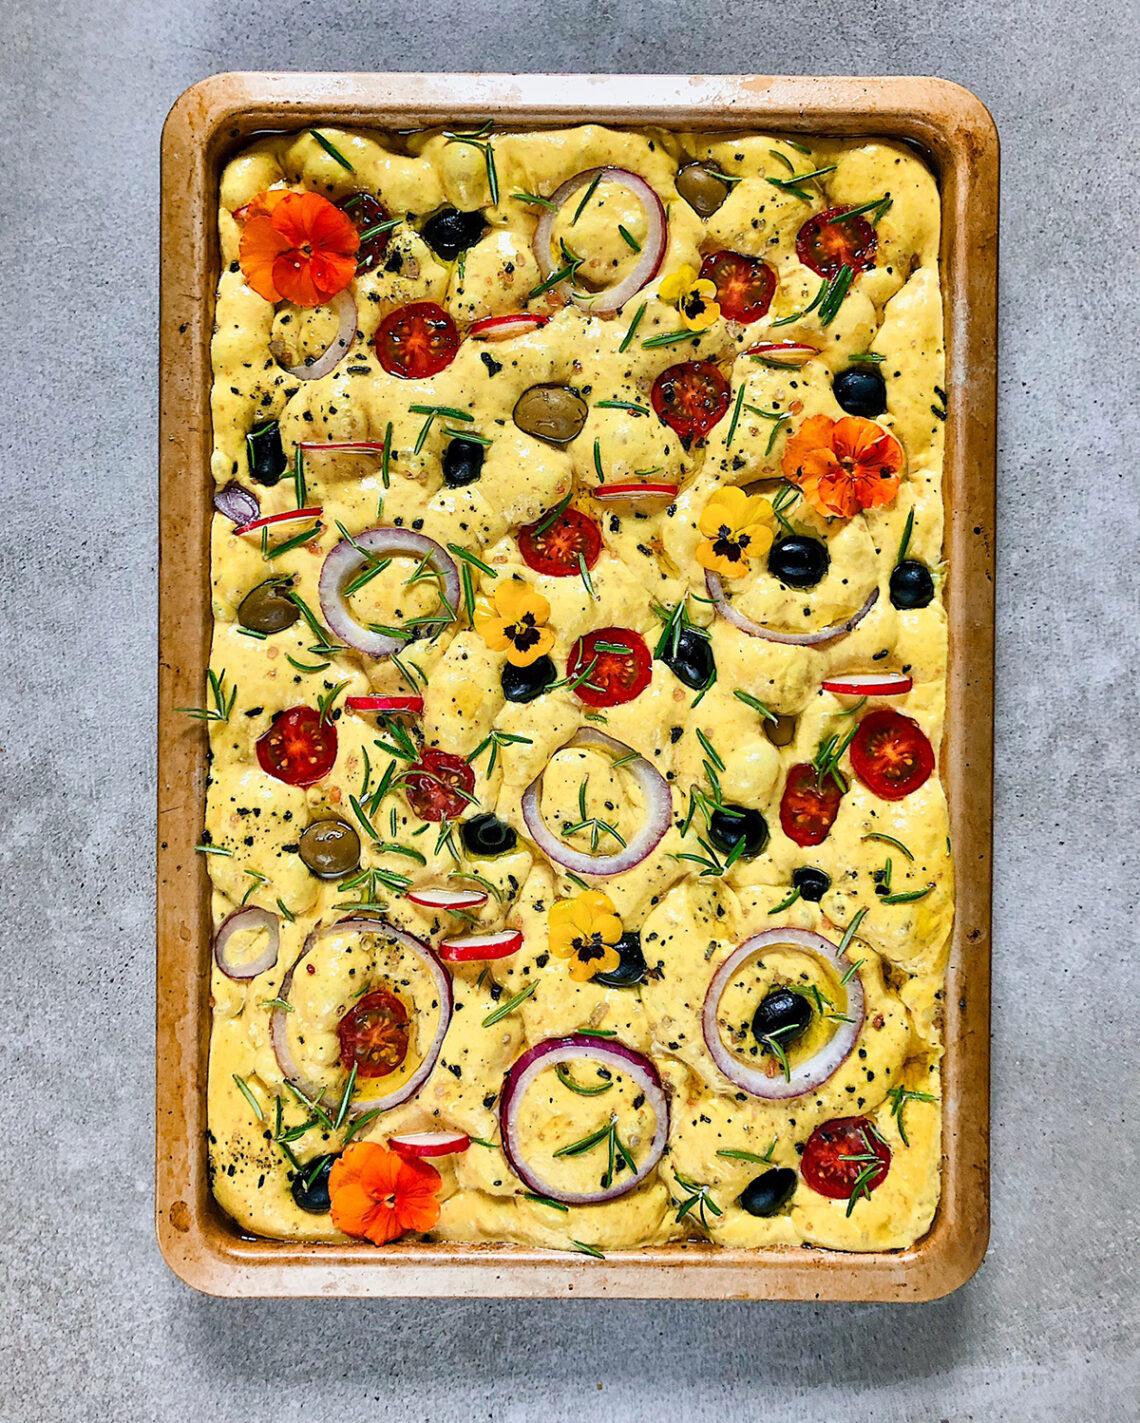 Фоккача на закваске. Самые вкусные блюда одесской кухни в кулинарном блоге Марии Каленской.